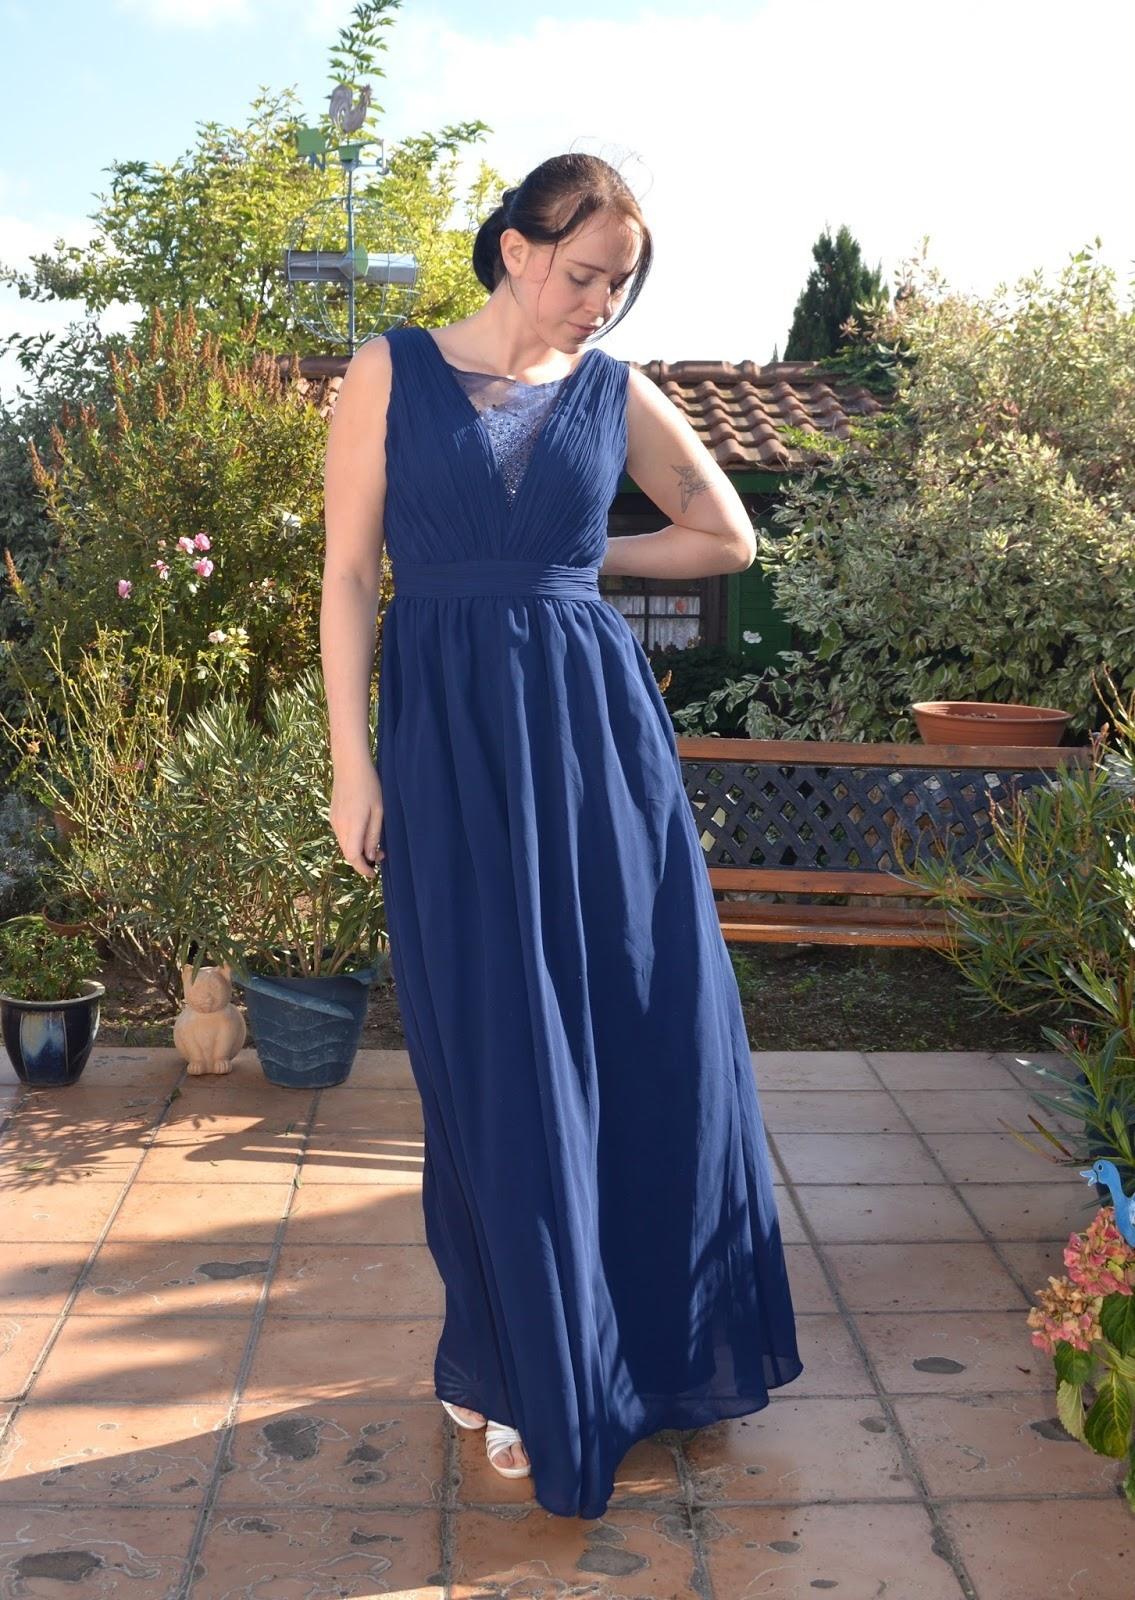 Einfach Blaues Kleid Hochzeitsgast Galerie - Abendkleid